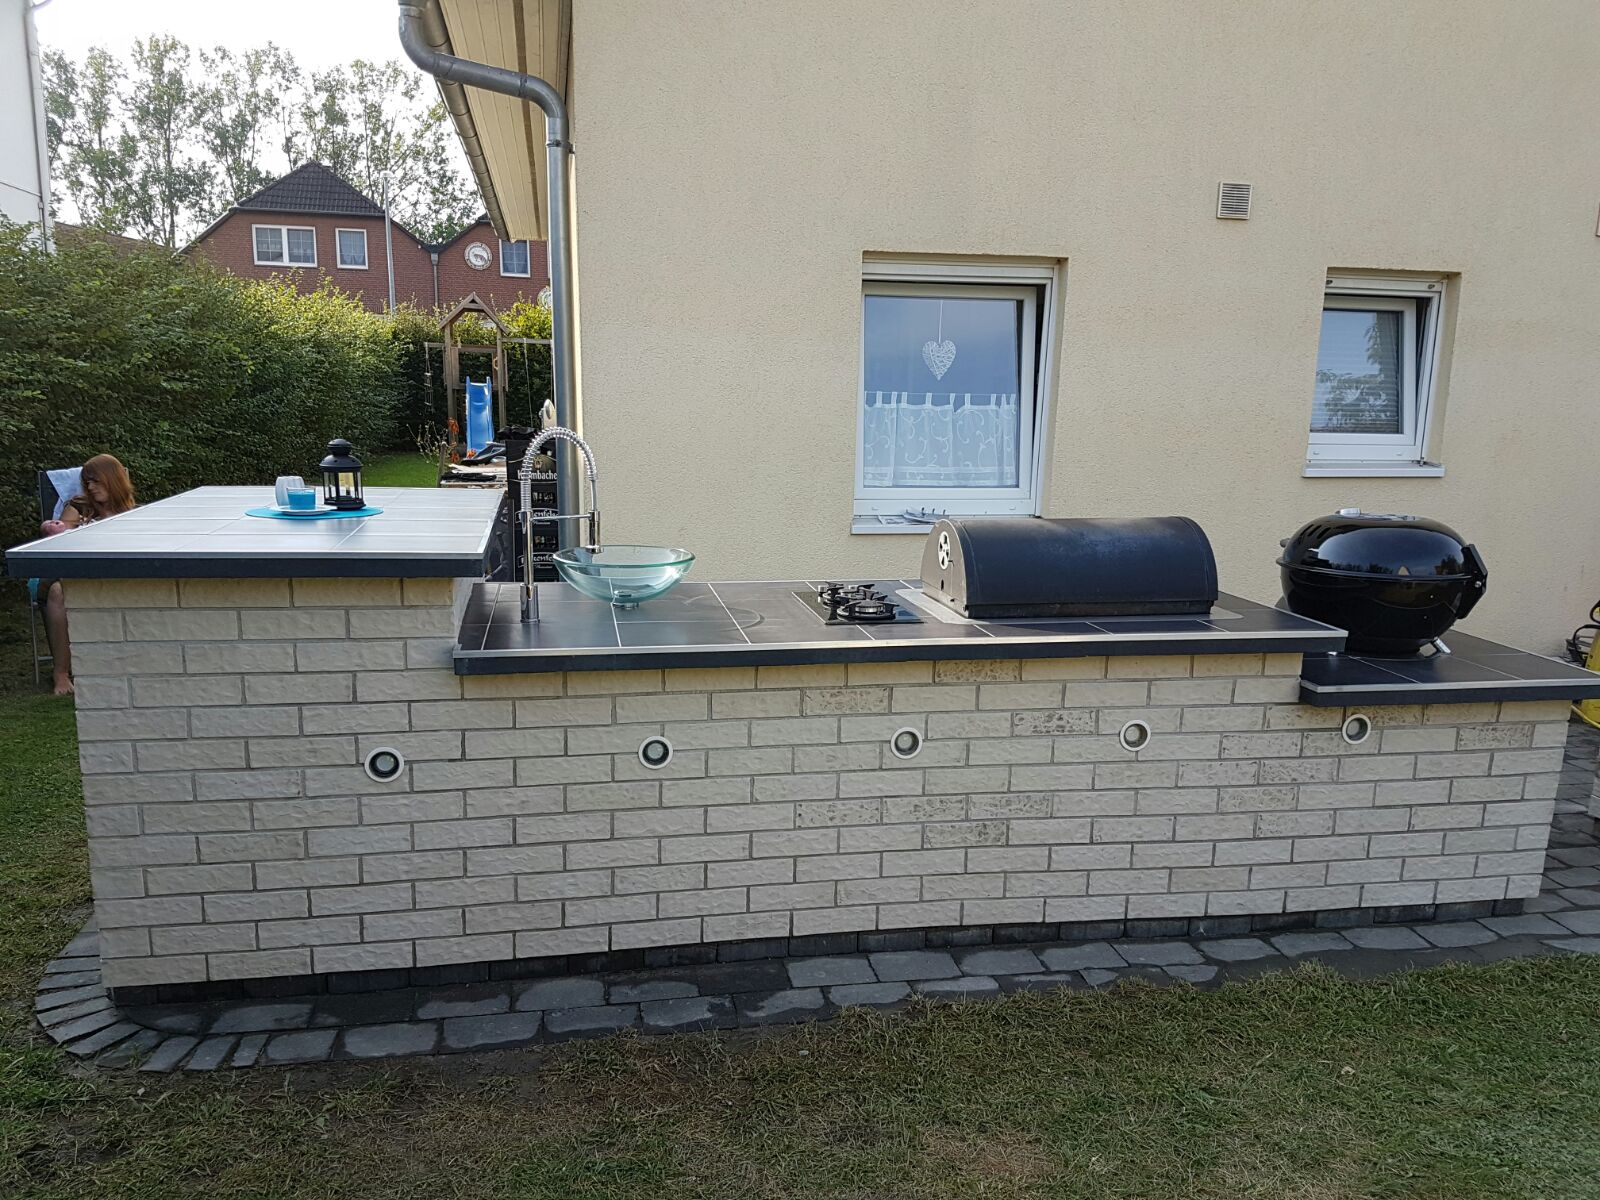 Kochfeld Für Außenküche : Diy außenküche grillforum und bbq grillsportverein